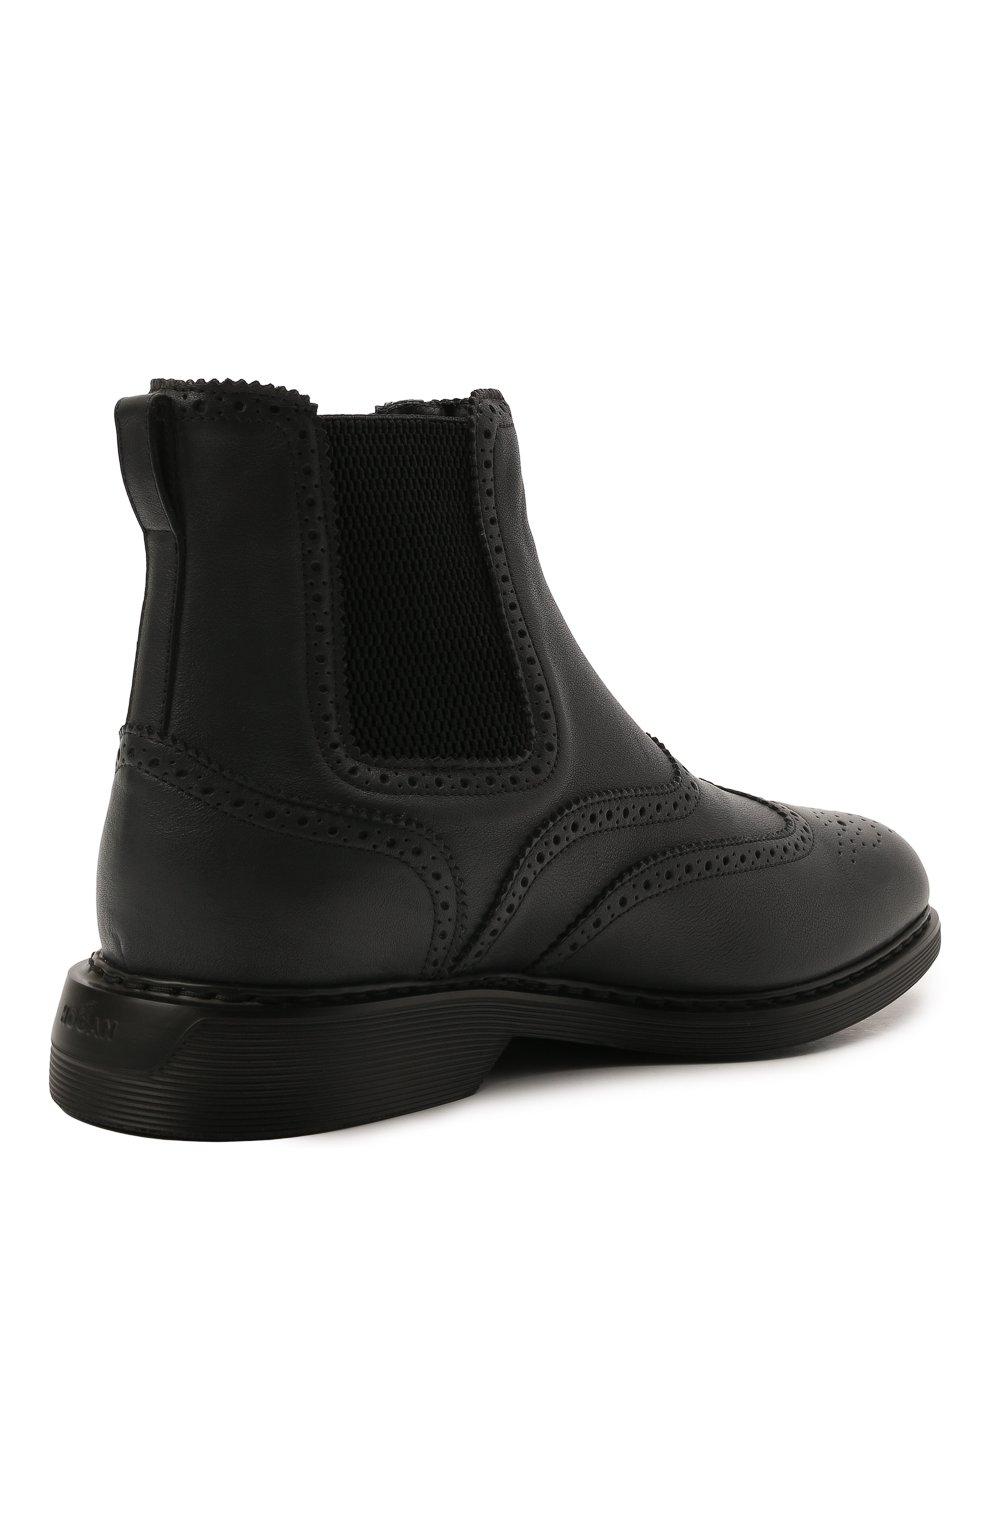 Мужские кожаные челси HOGAN темно-серого цвета, арт. HXM5760DT40Q7Q | Фото 4 (Материал внутренний: Текстиль; Подошва: Плоская; Мужское Кросс-КТ: Сапоги-обувь, Челси-обувь)